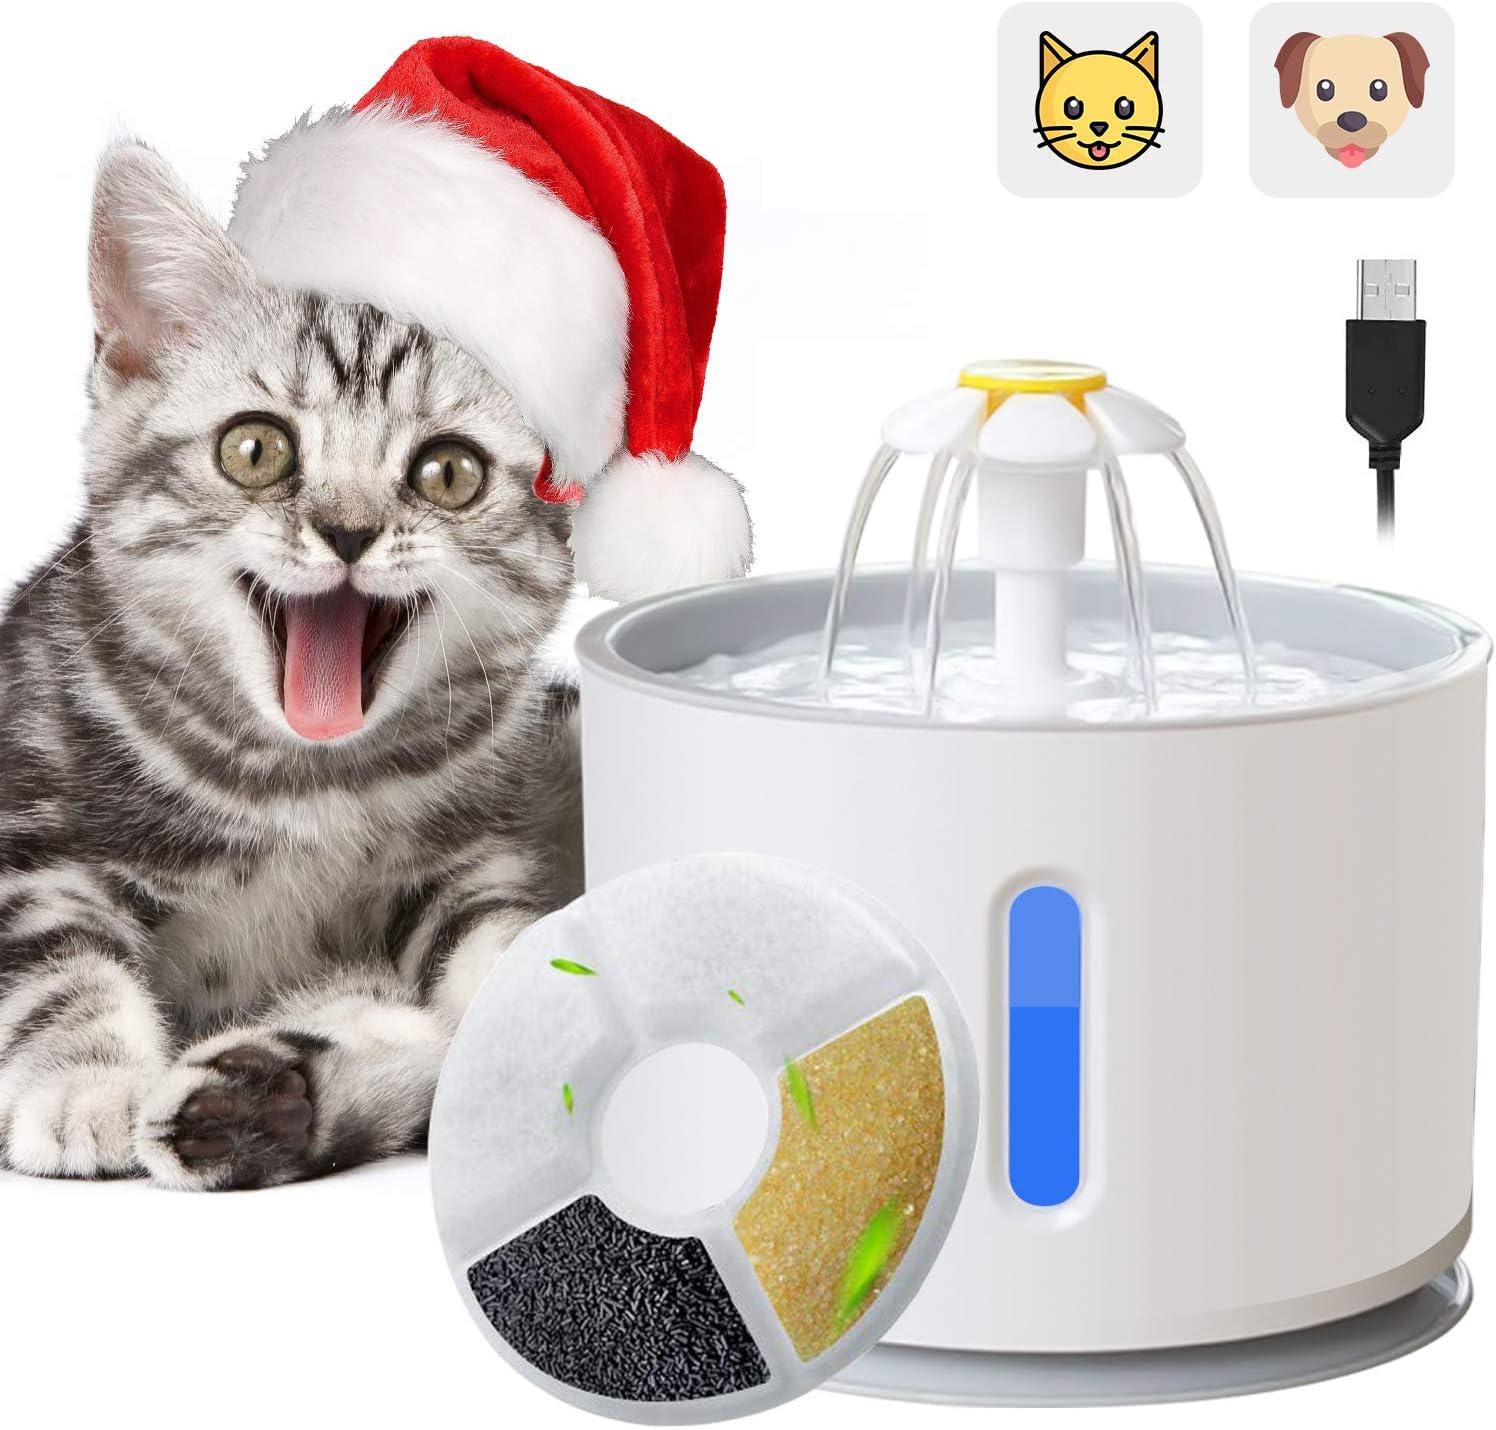 ADOV Fuente para Gatos, 2.4L Dispensador Automático de Agua Eléctrico con Luz LED, Filtro de Reemplazable y Adaptador USB, Flor Portátil Estilo Bebedero para Gatos, Perros y Pequeños Animales (Gris): Amazon.es: Productos